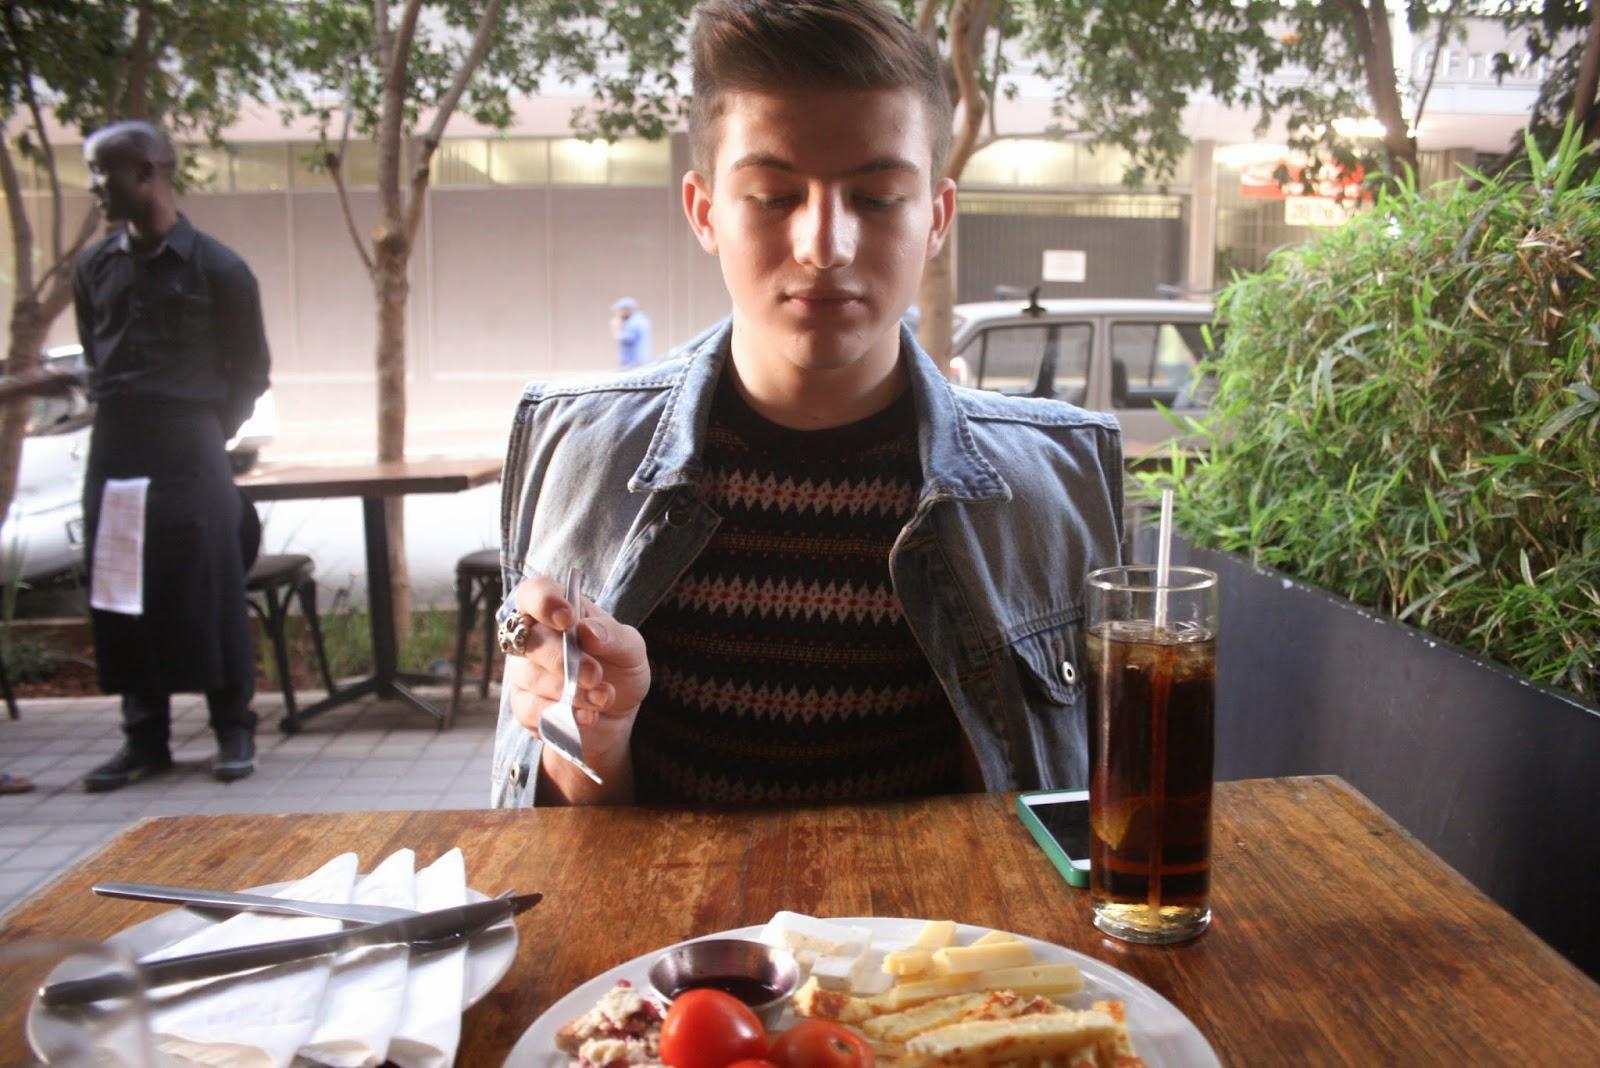 josh having a cheeseboard and ice tea at pata pata maboneng